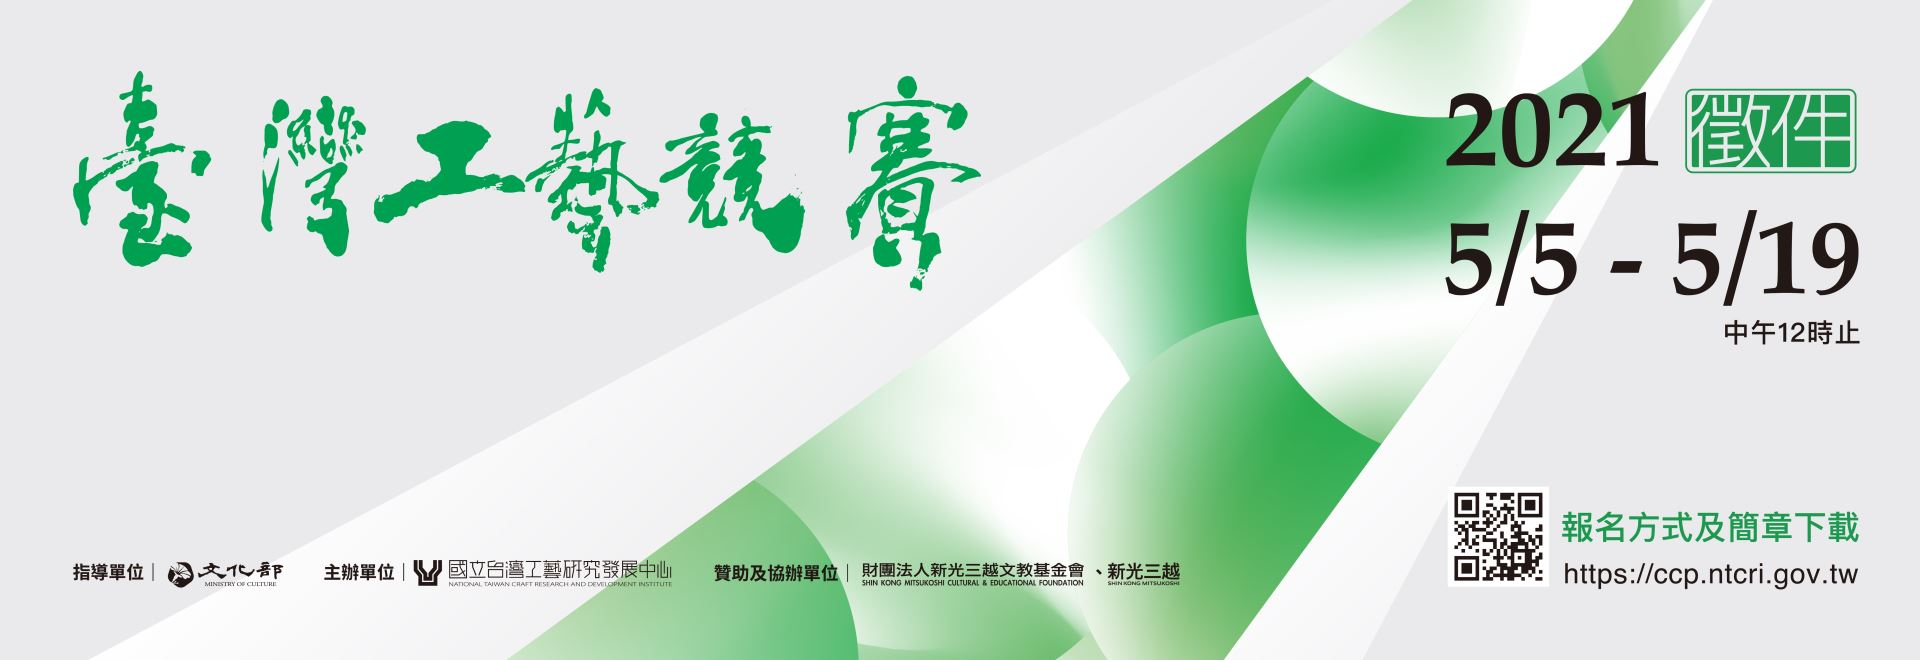 2021臺灣工藝競賽「另開新視窗」